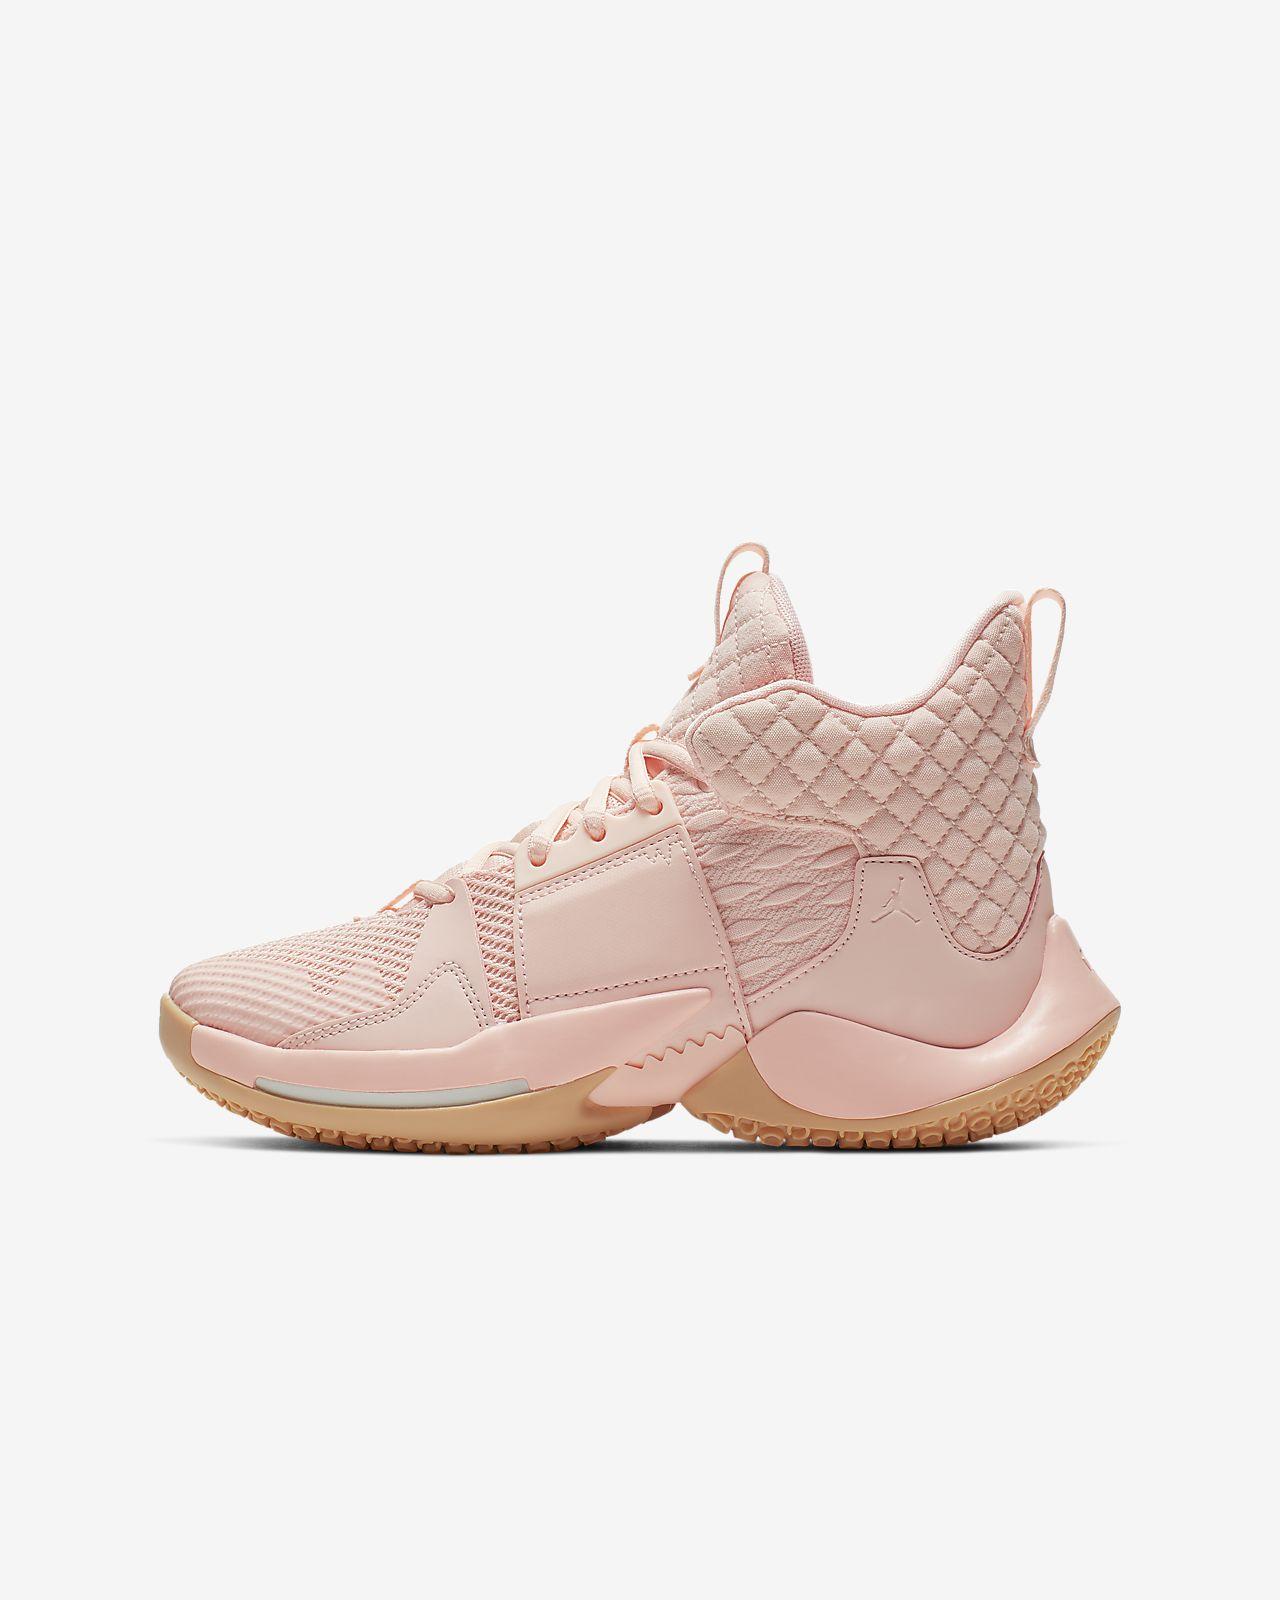 """Jordan """"Why Not?"""" Basketbalová bota Zer0.2 pro větší děti"""